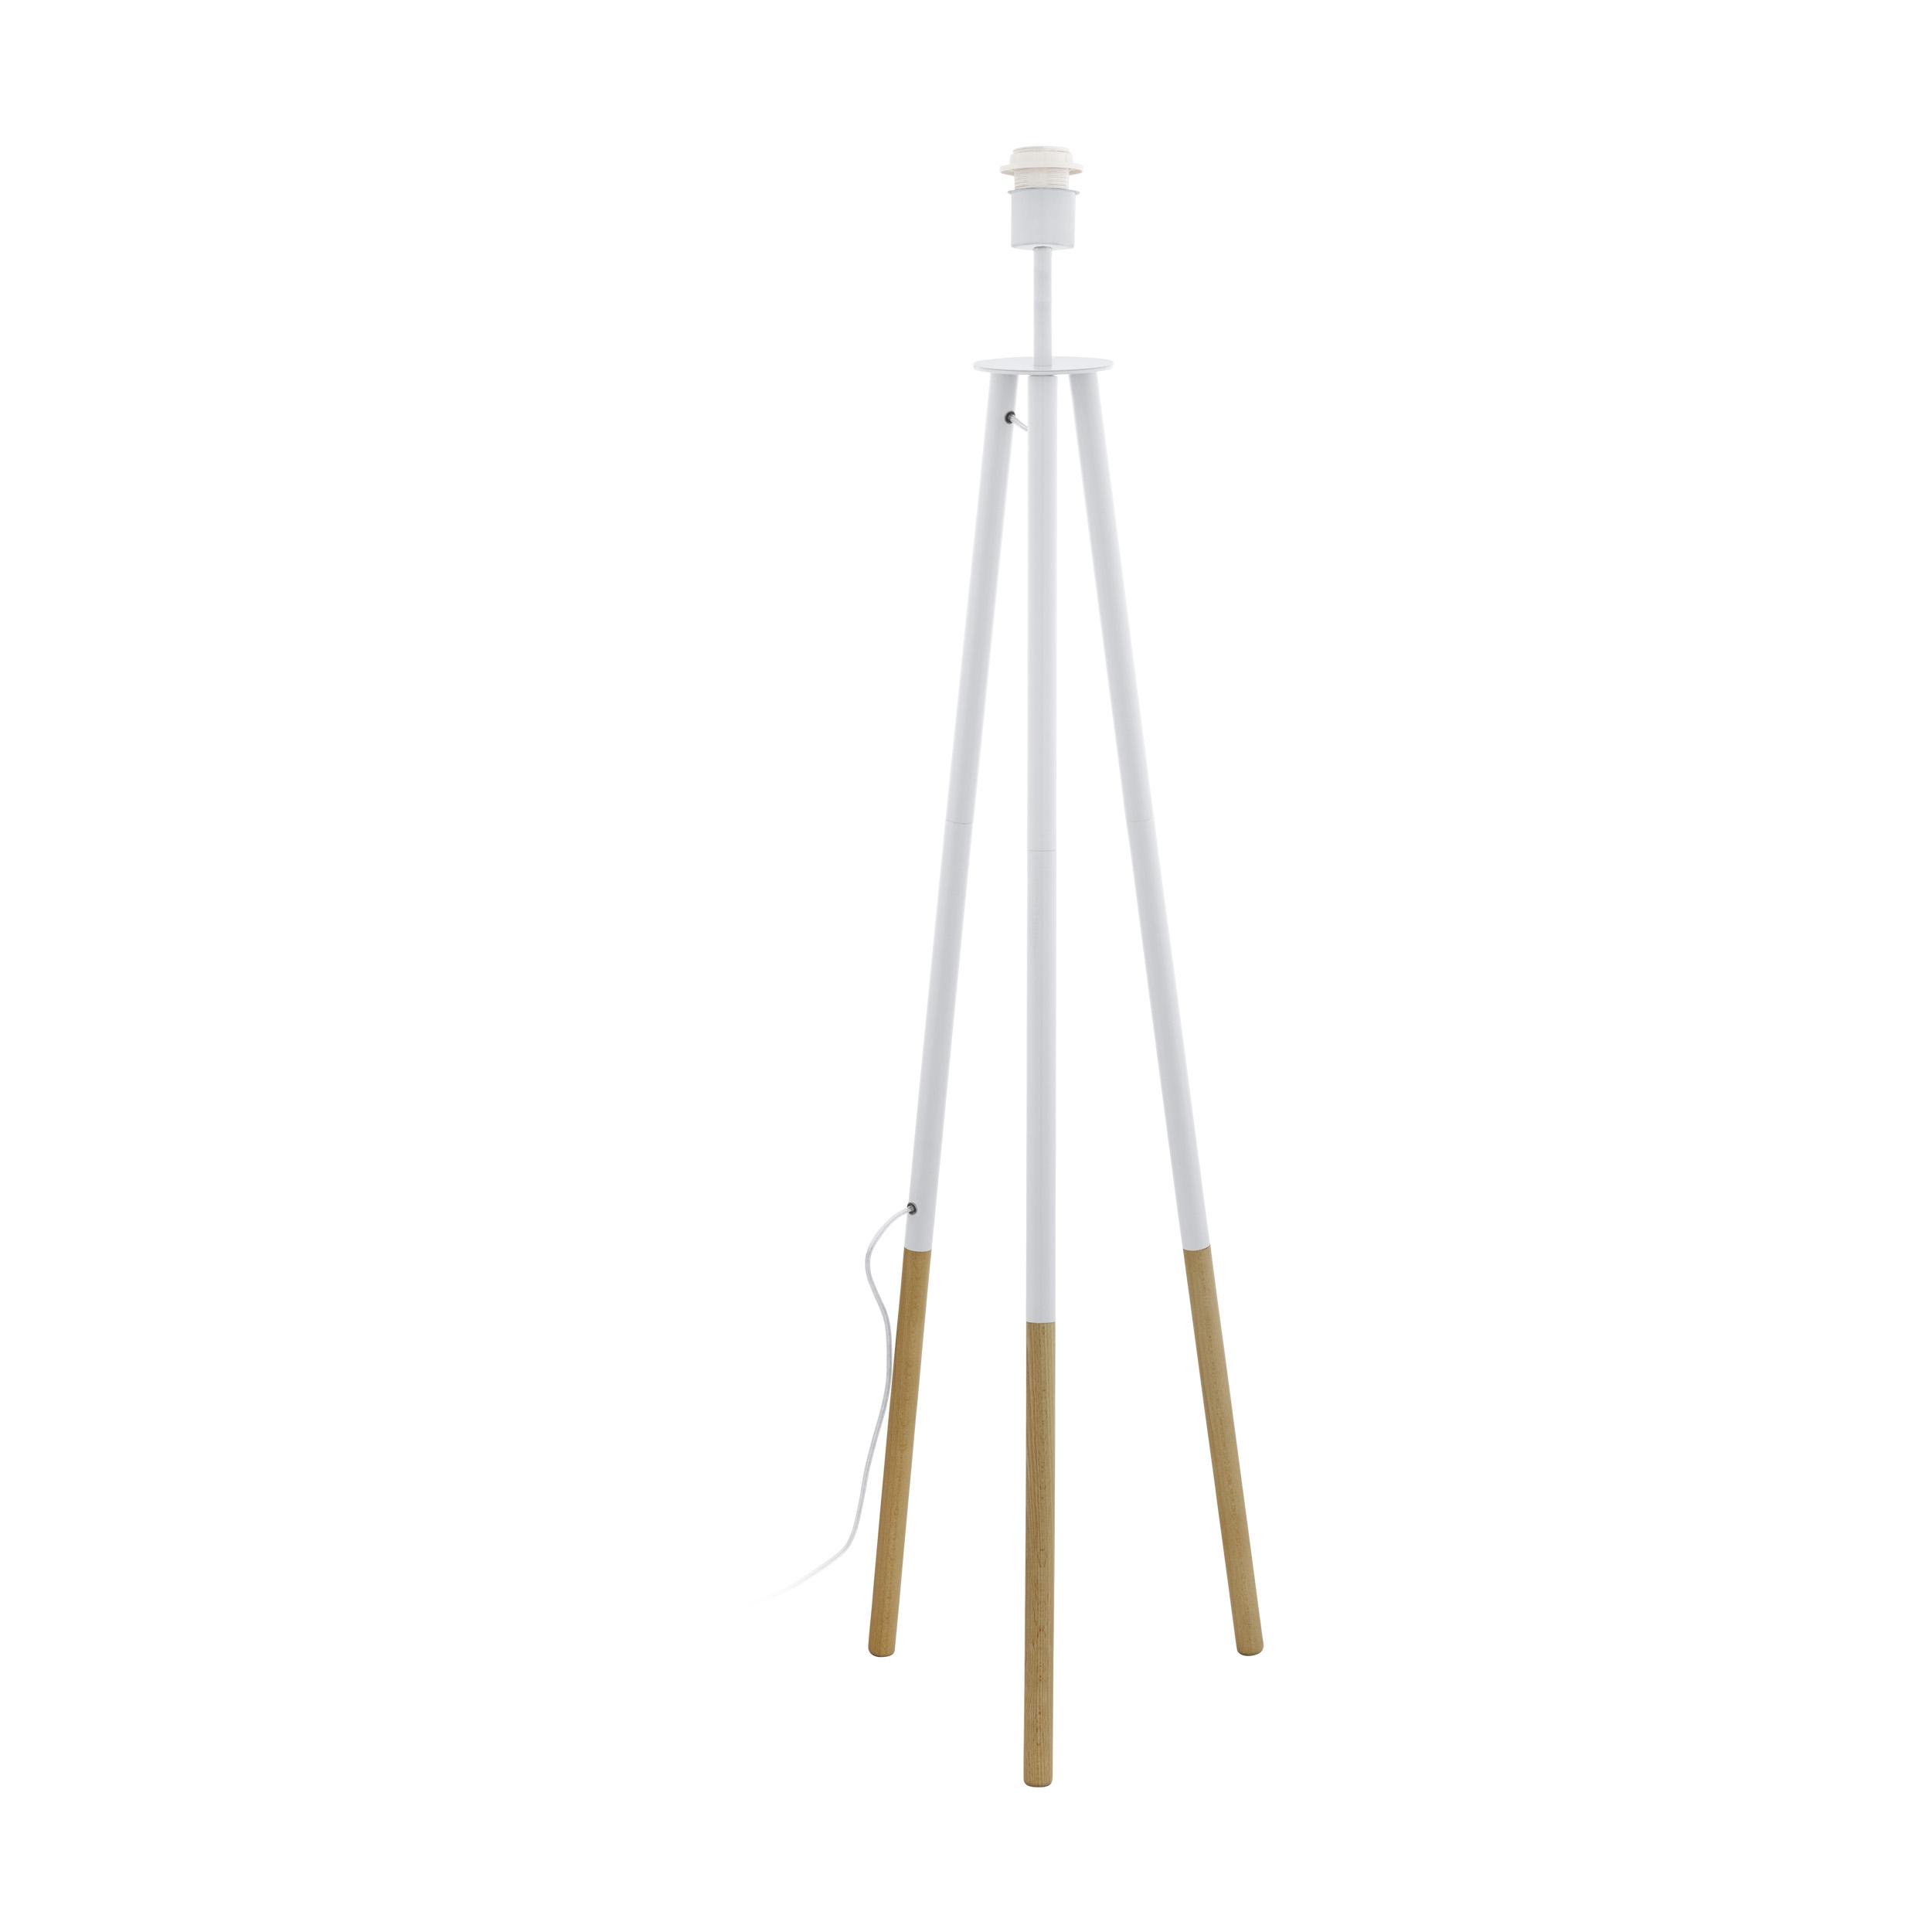 1 Stk Bidford E27 60W Holz weiss/braun IP20 LI64995---